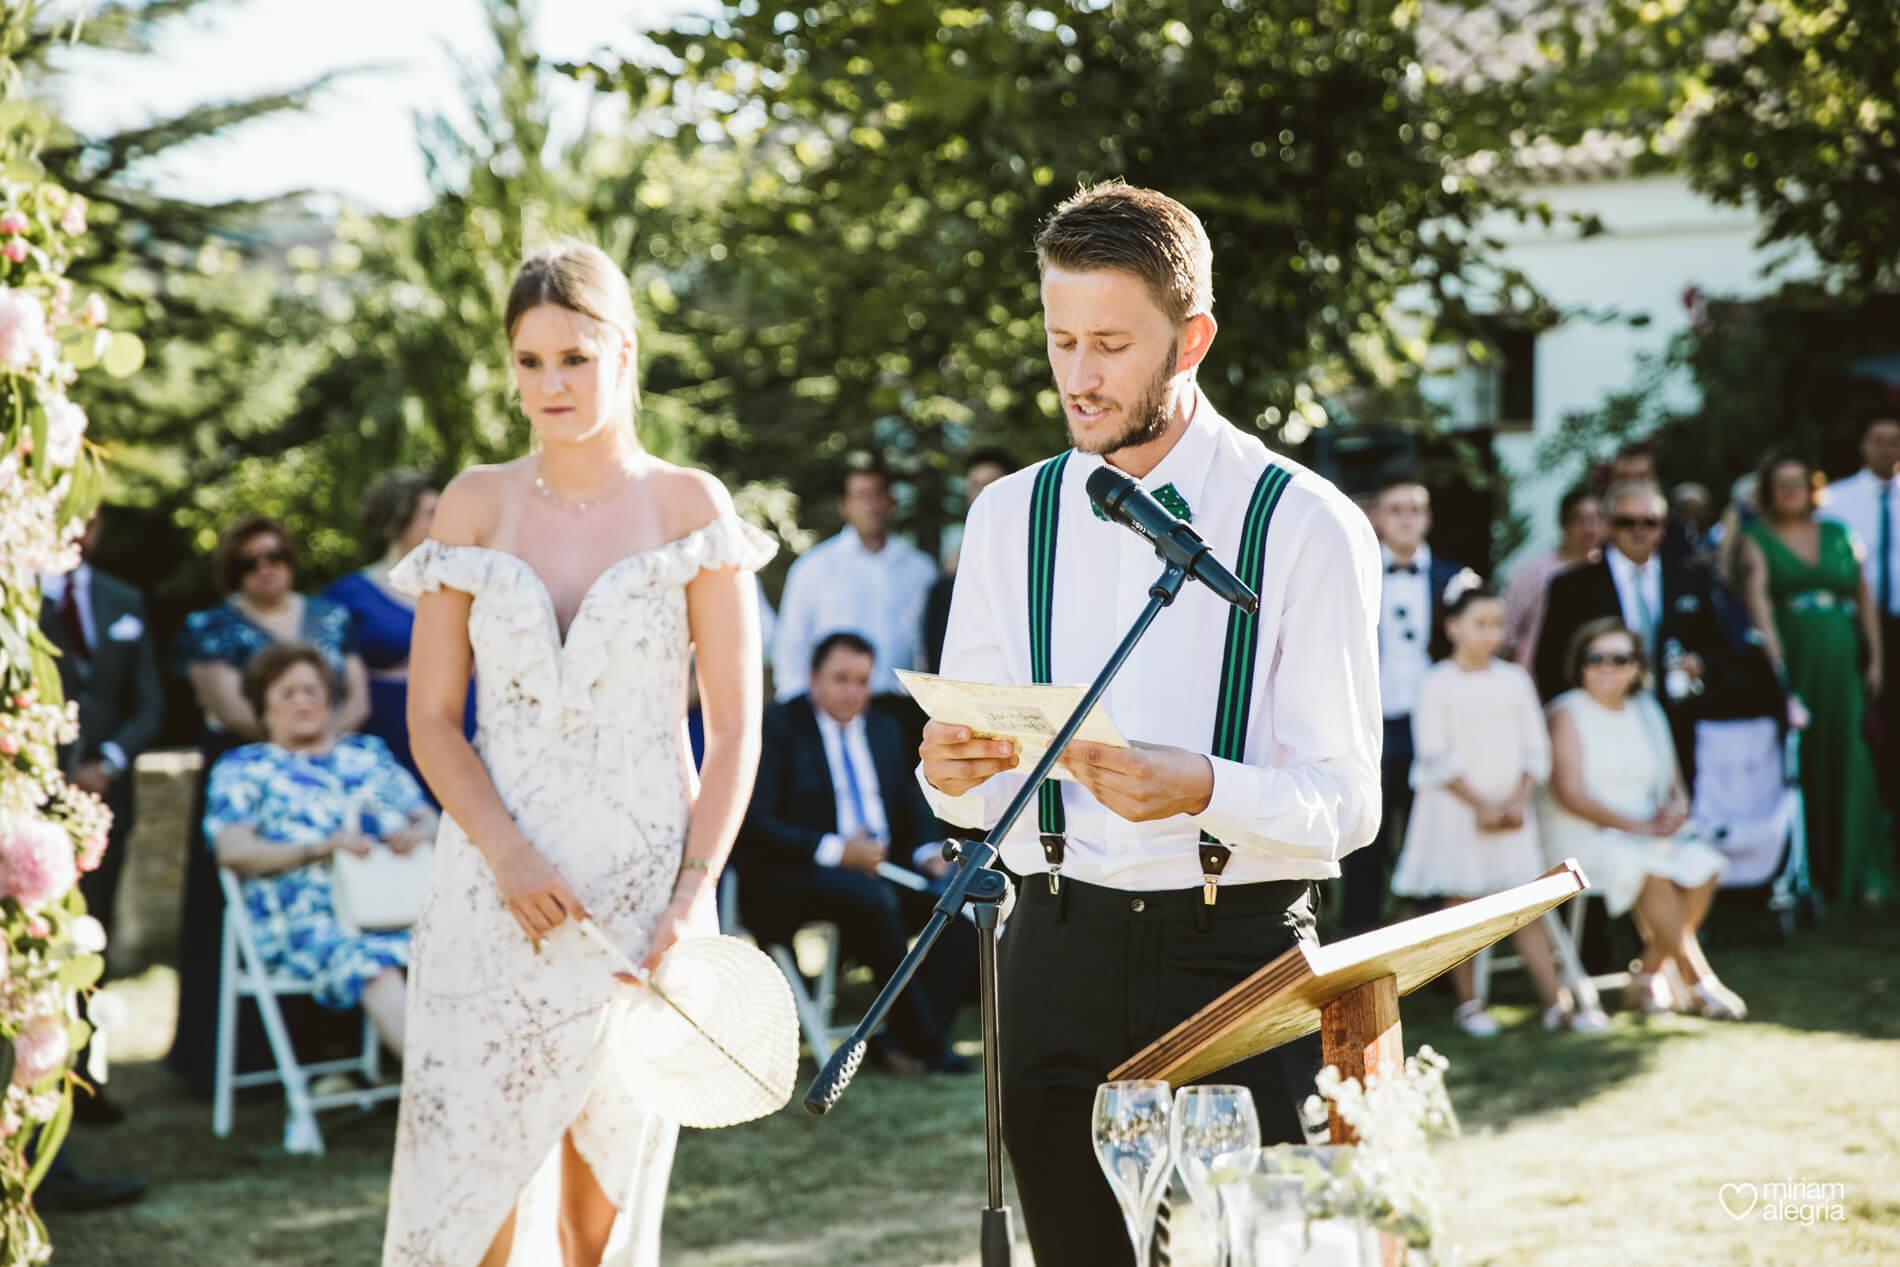 boda-en-collados-miriam-alegria-cayetana-ferrer-52